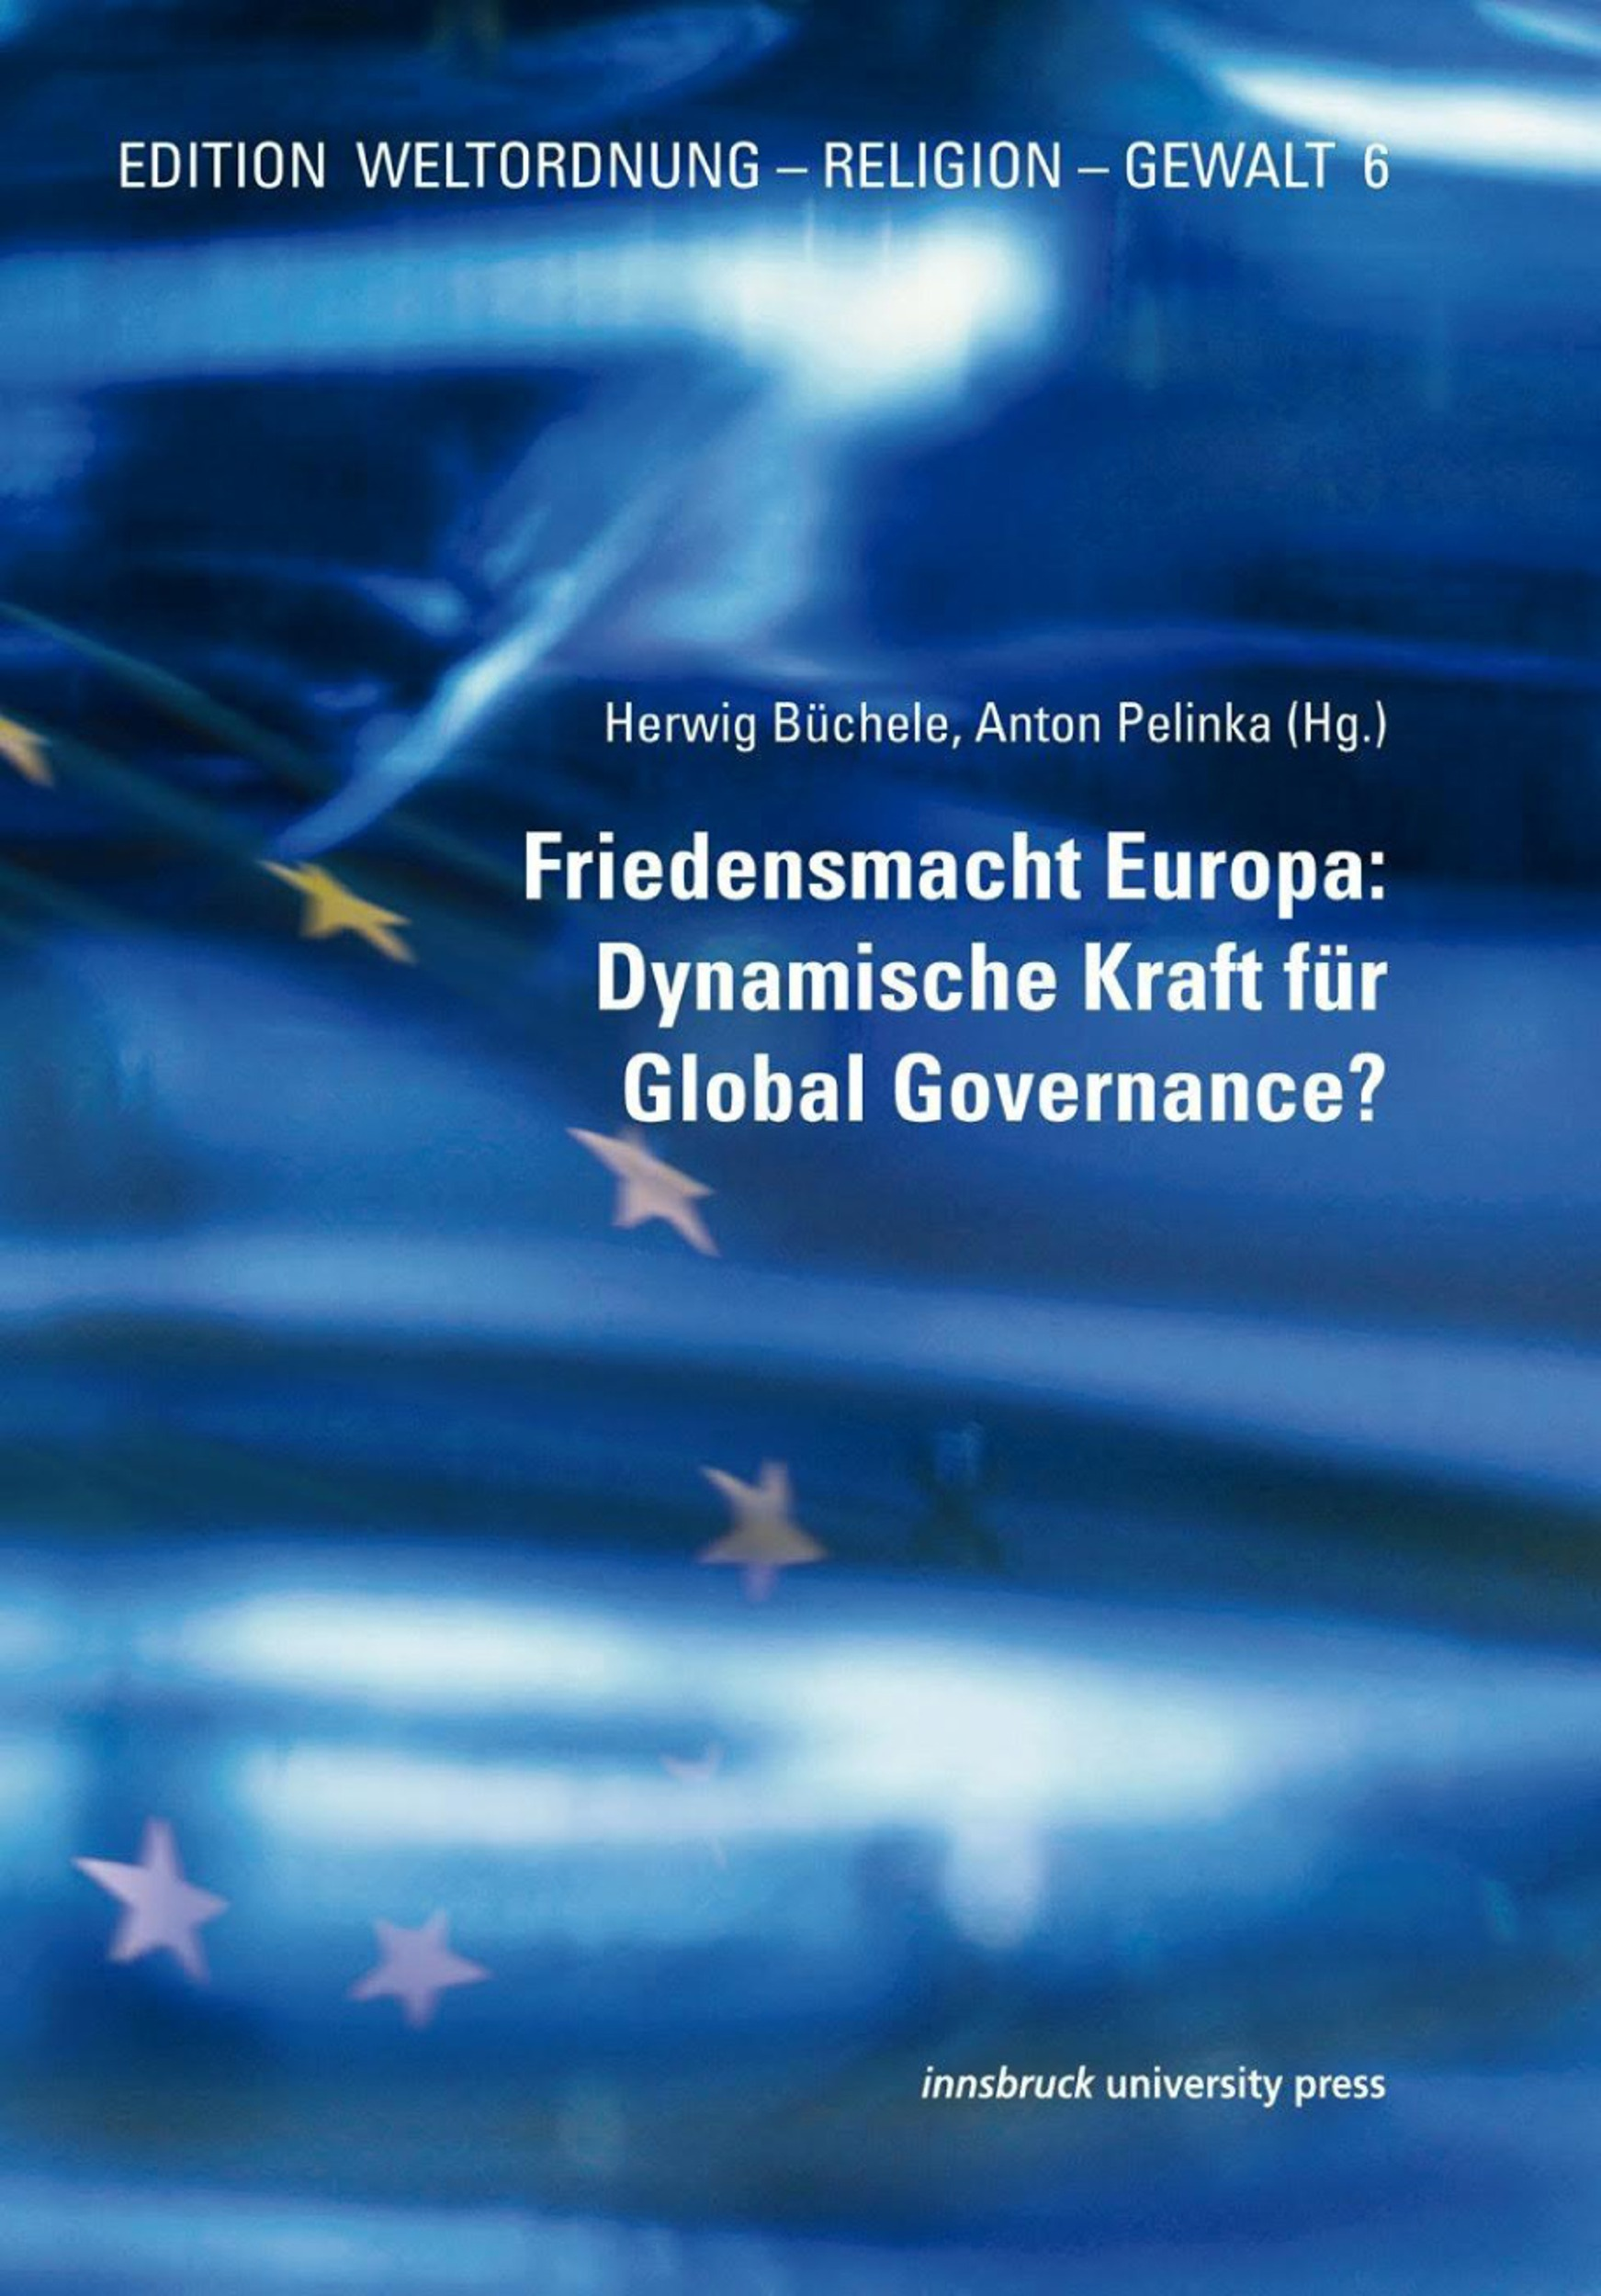 Friedensmacht Europa: Dynamische Kraft für Global Governance?